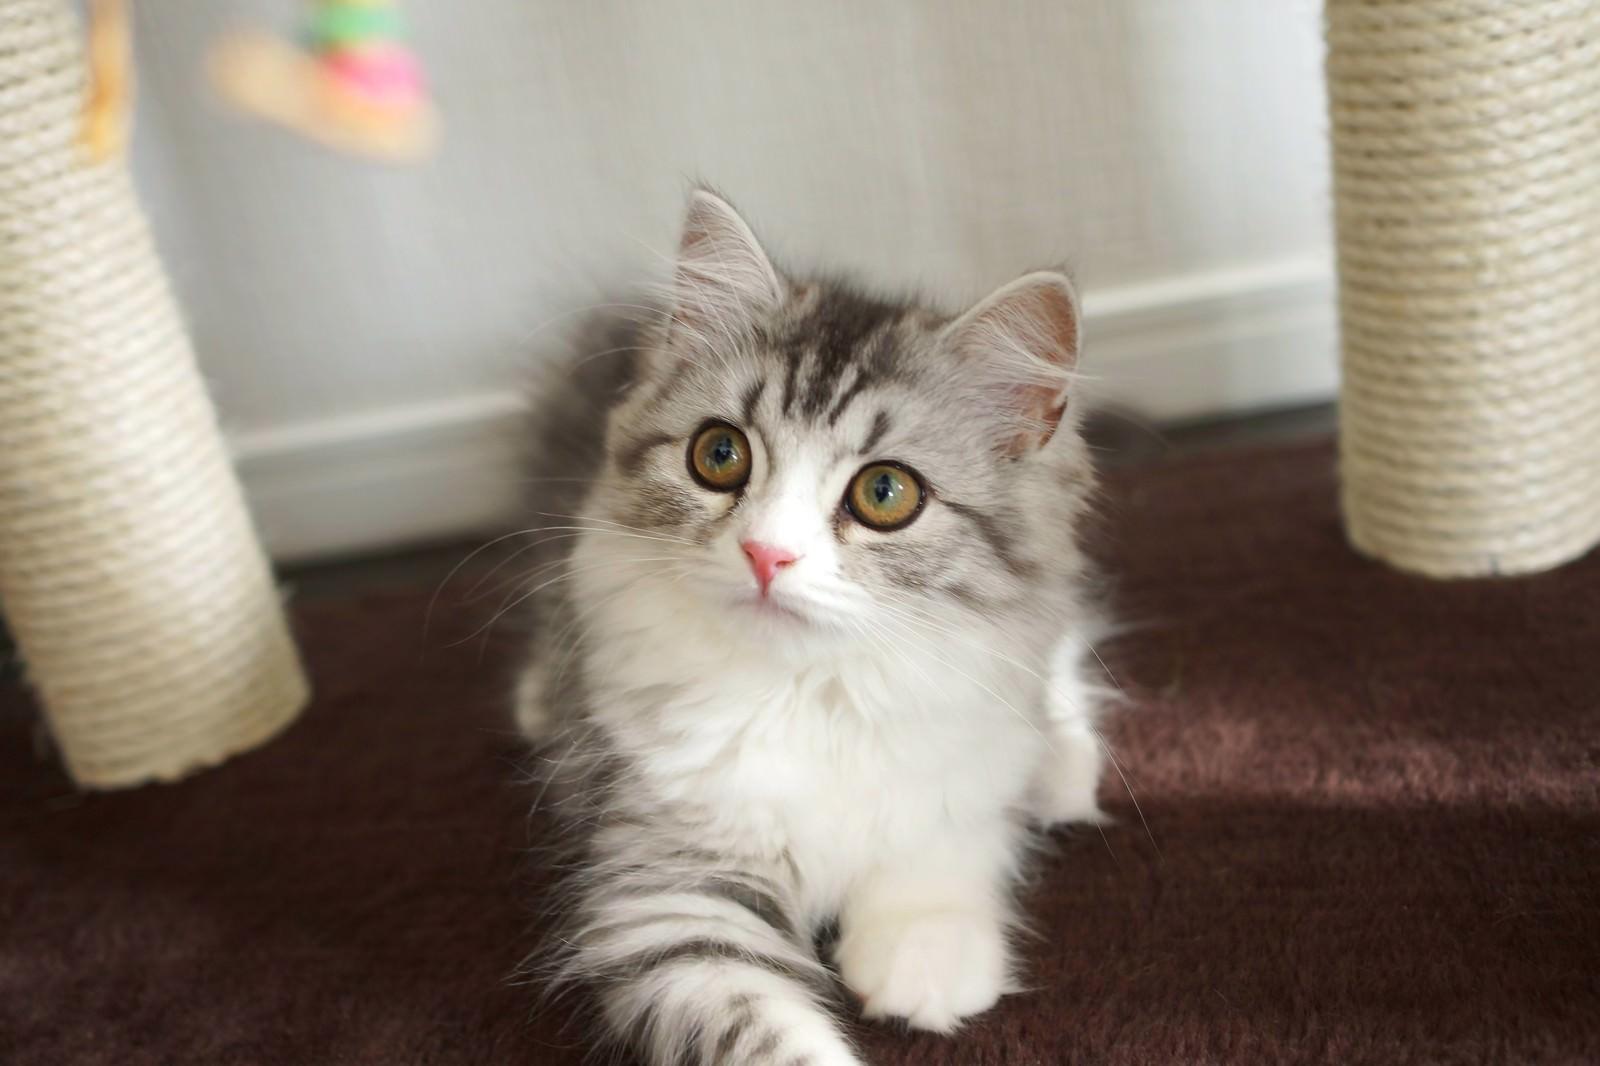 「ねずみのおもちゃに興味津々の猫ねずみのおもちゃに興味津々の猫」のフリー写真素材を拡大